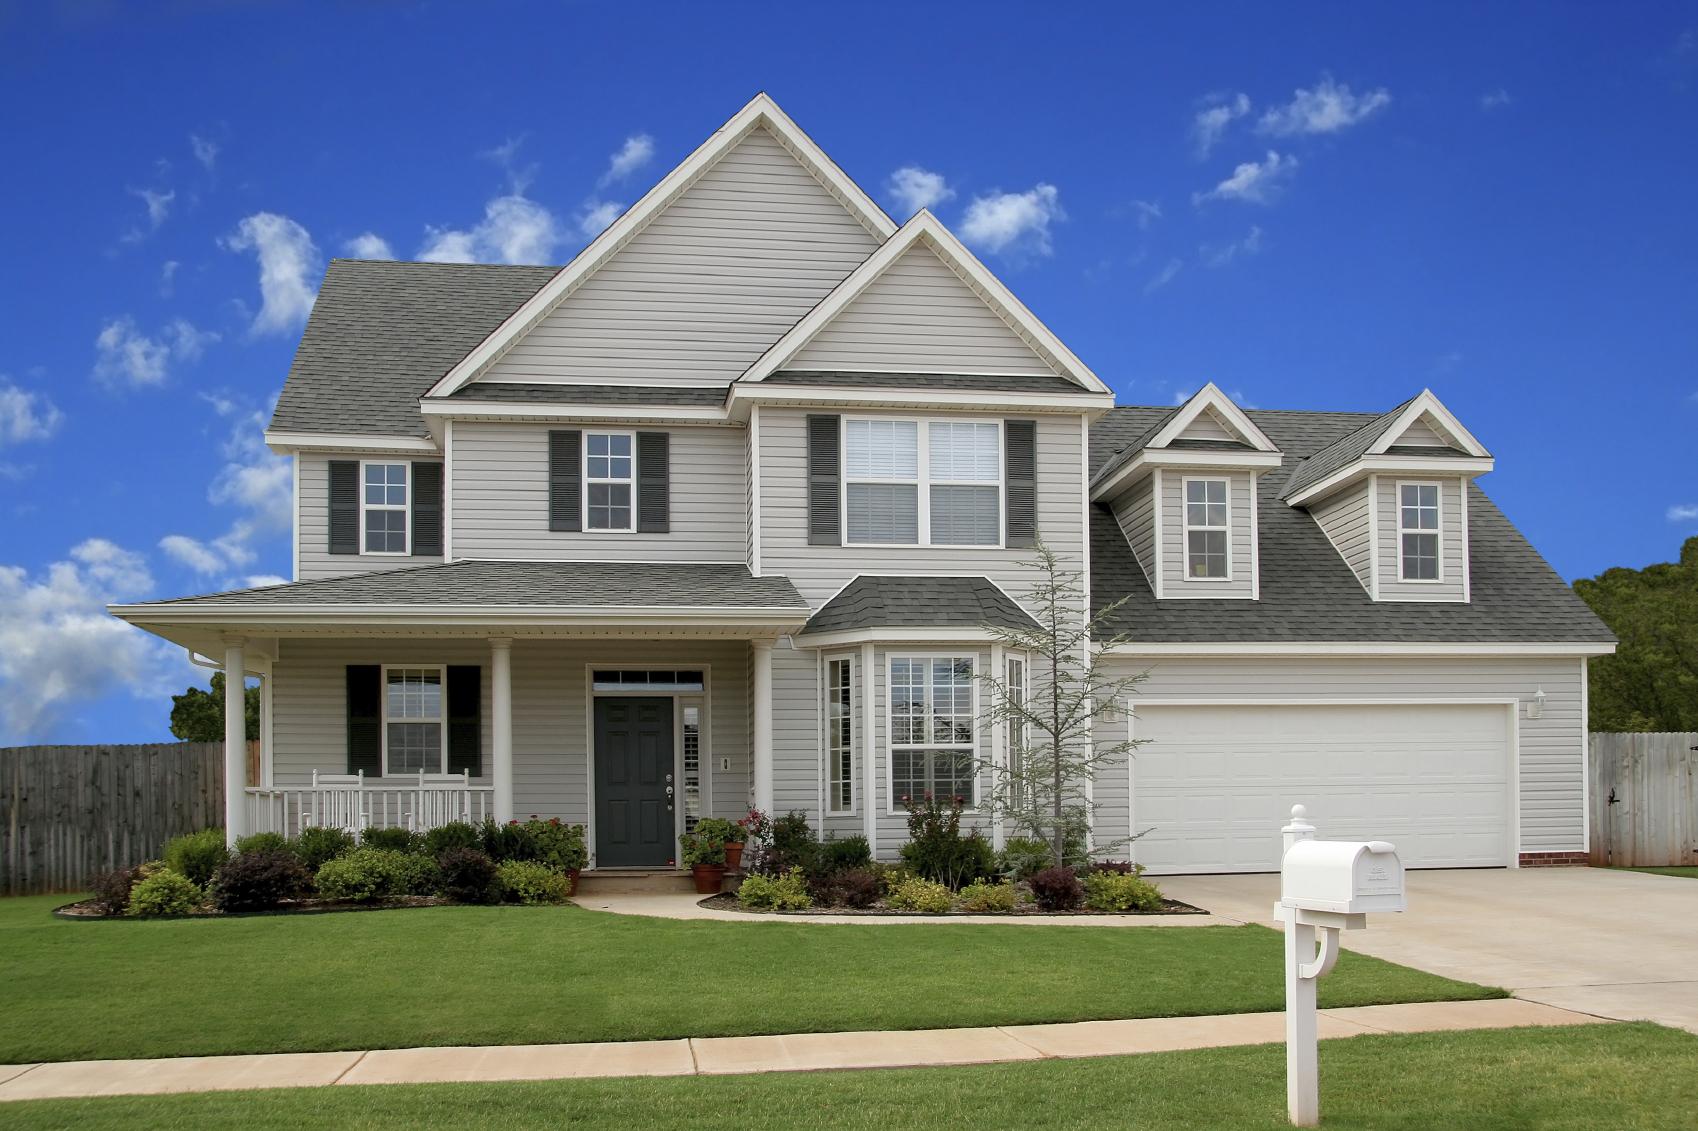 Casa de aluguel nos EUA